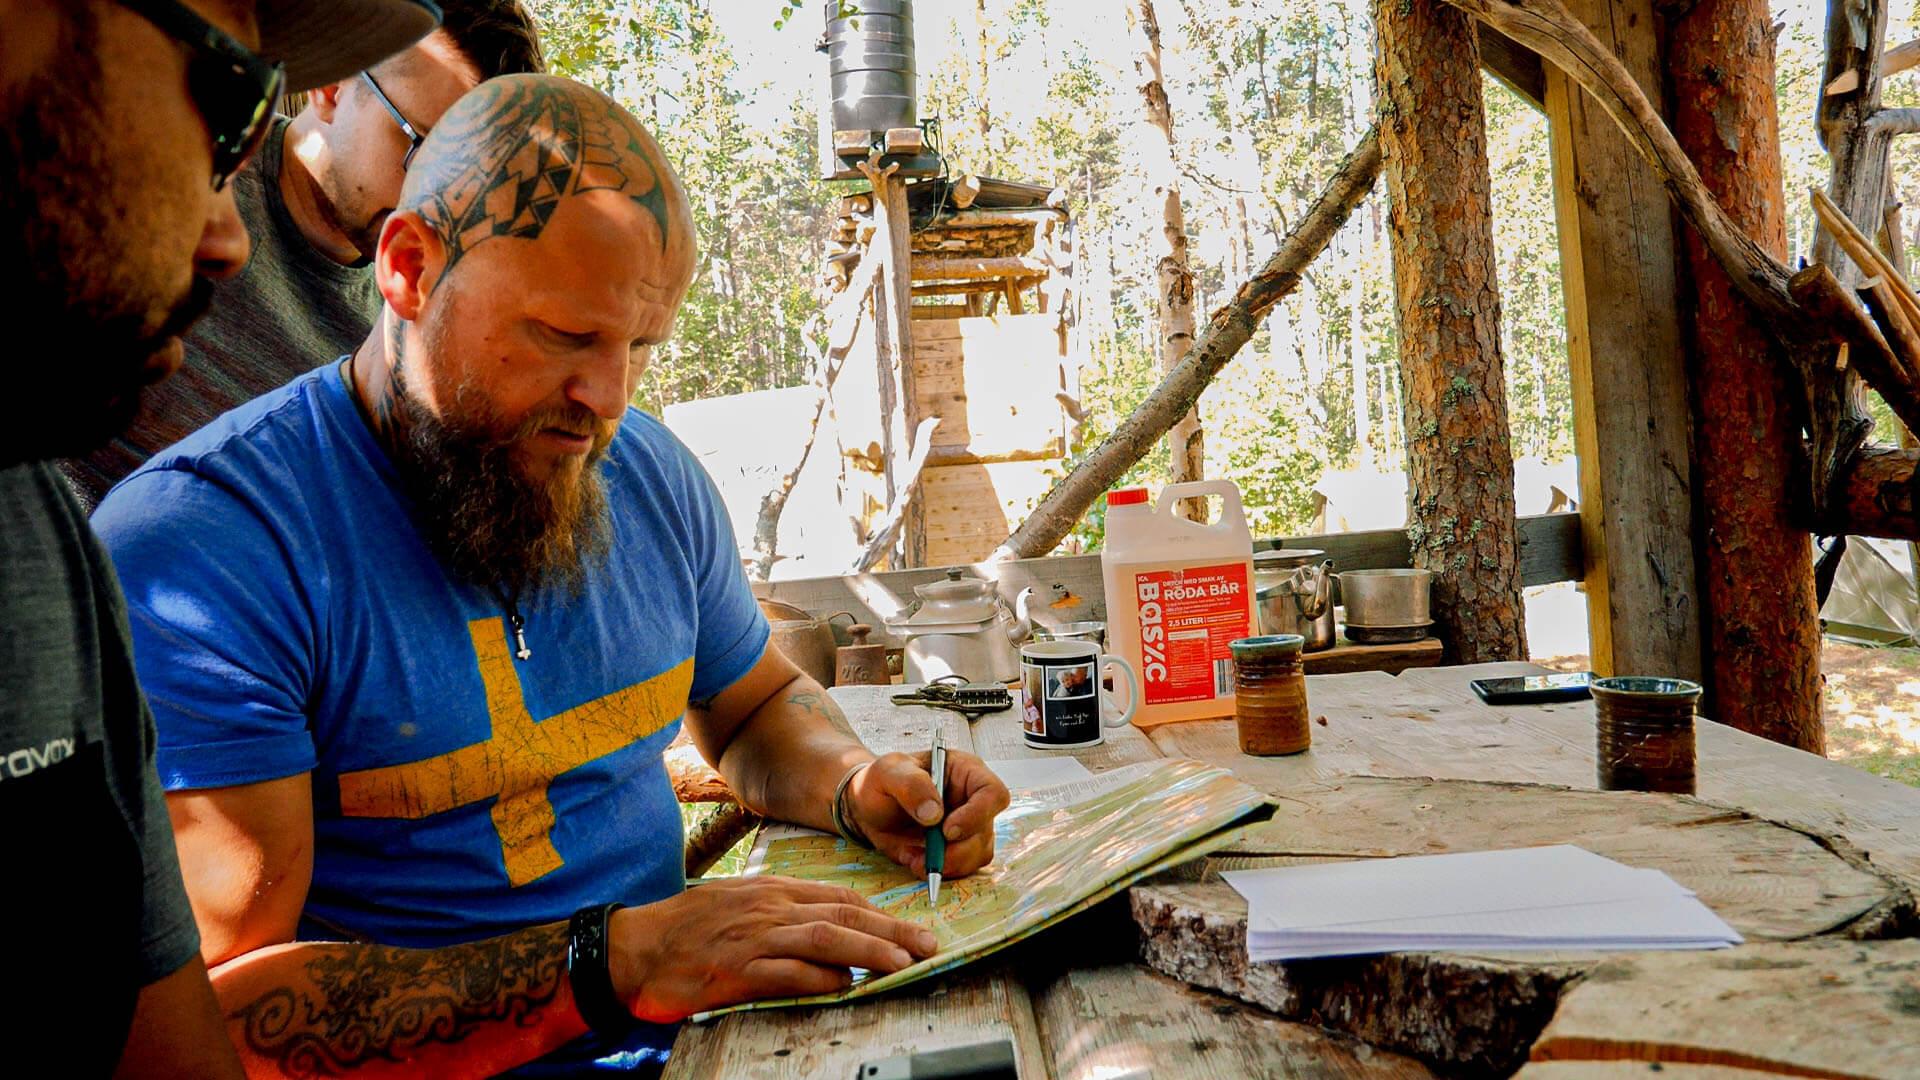 Sven zeigt wie man eine Karte liest